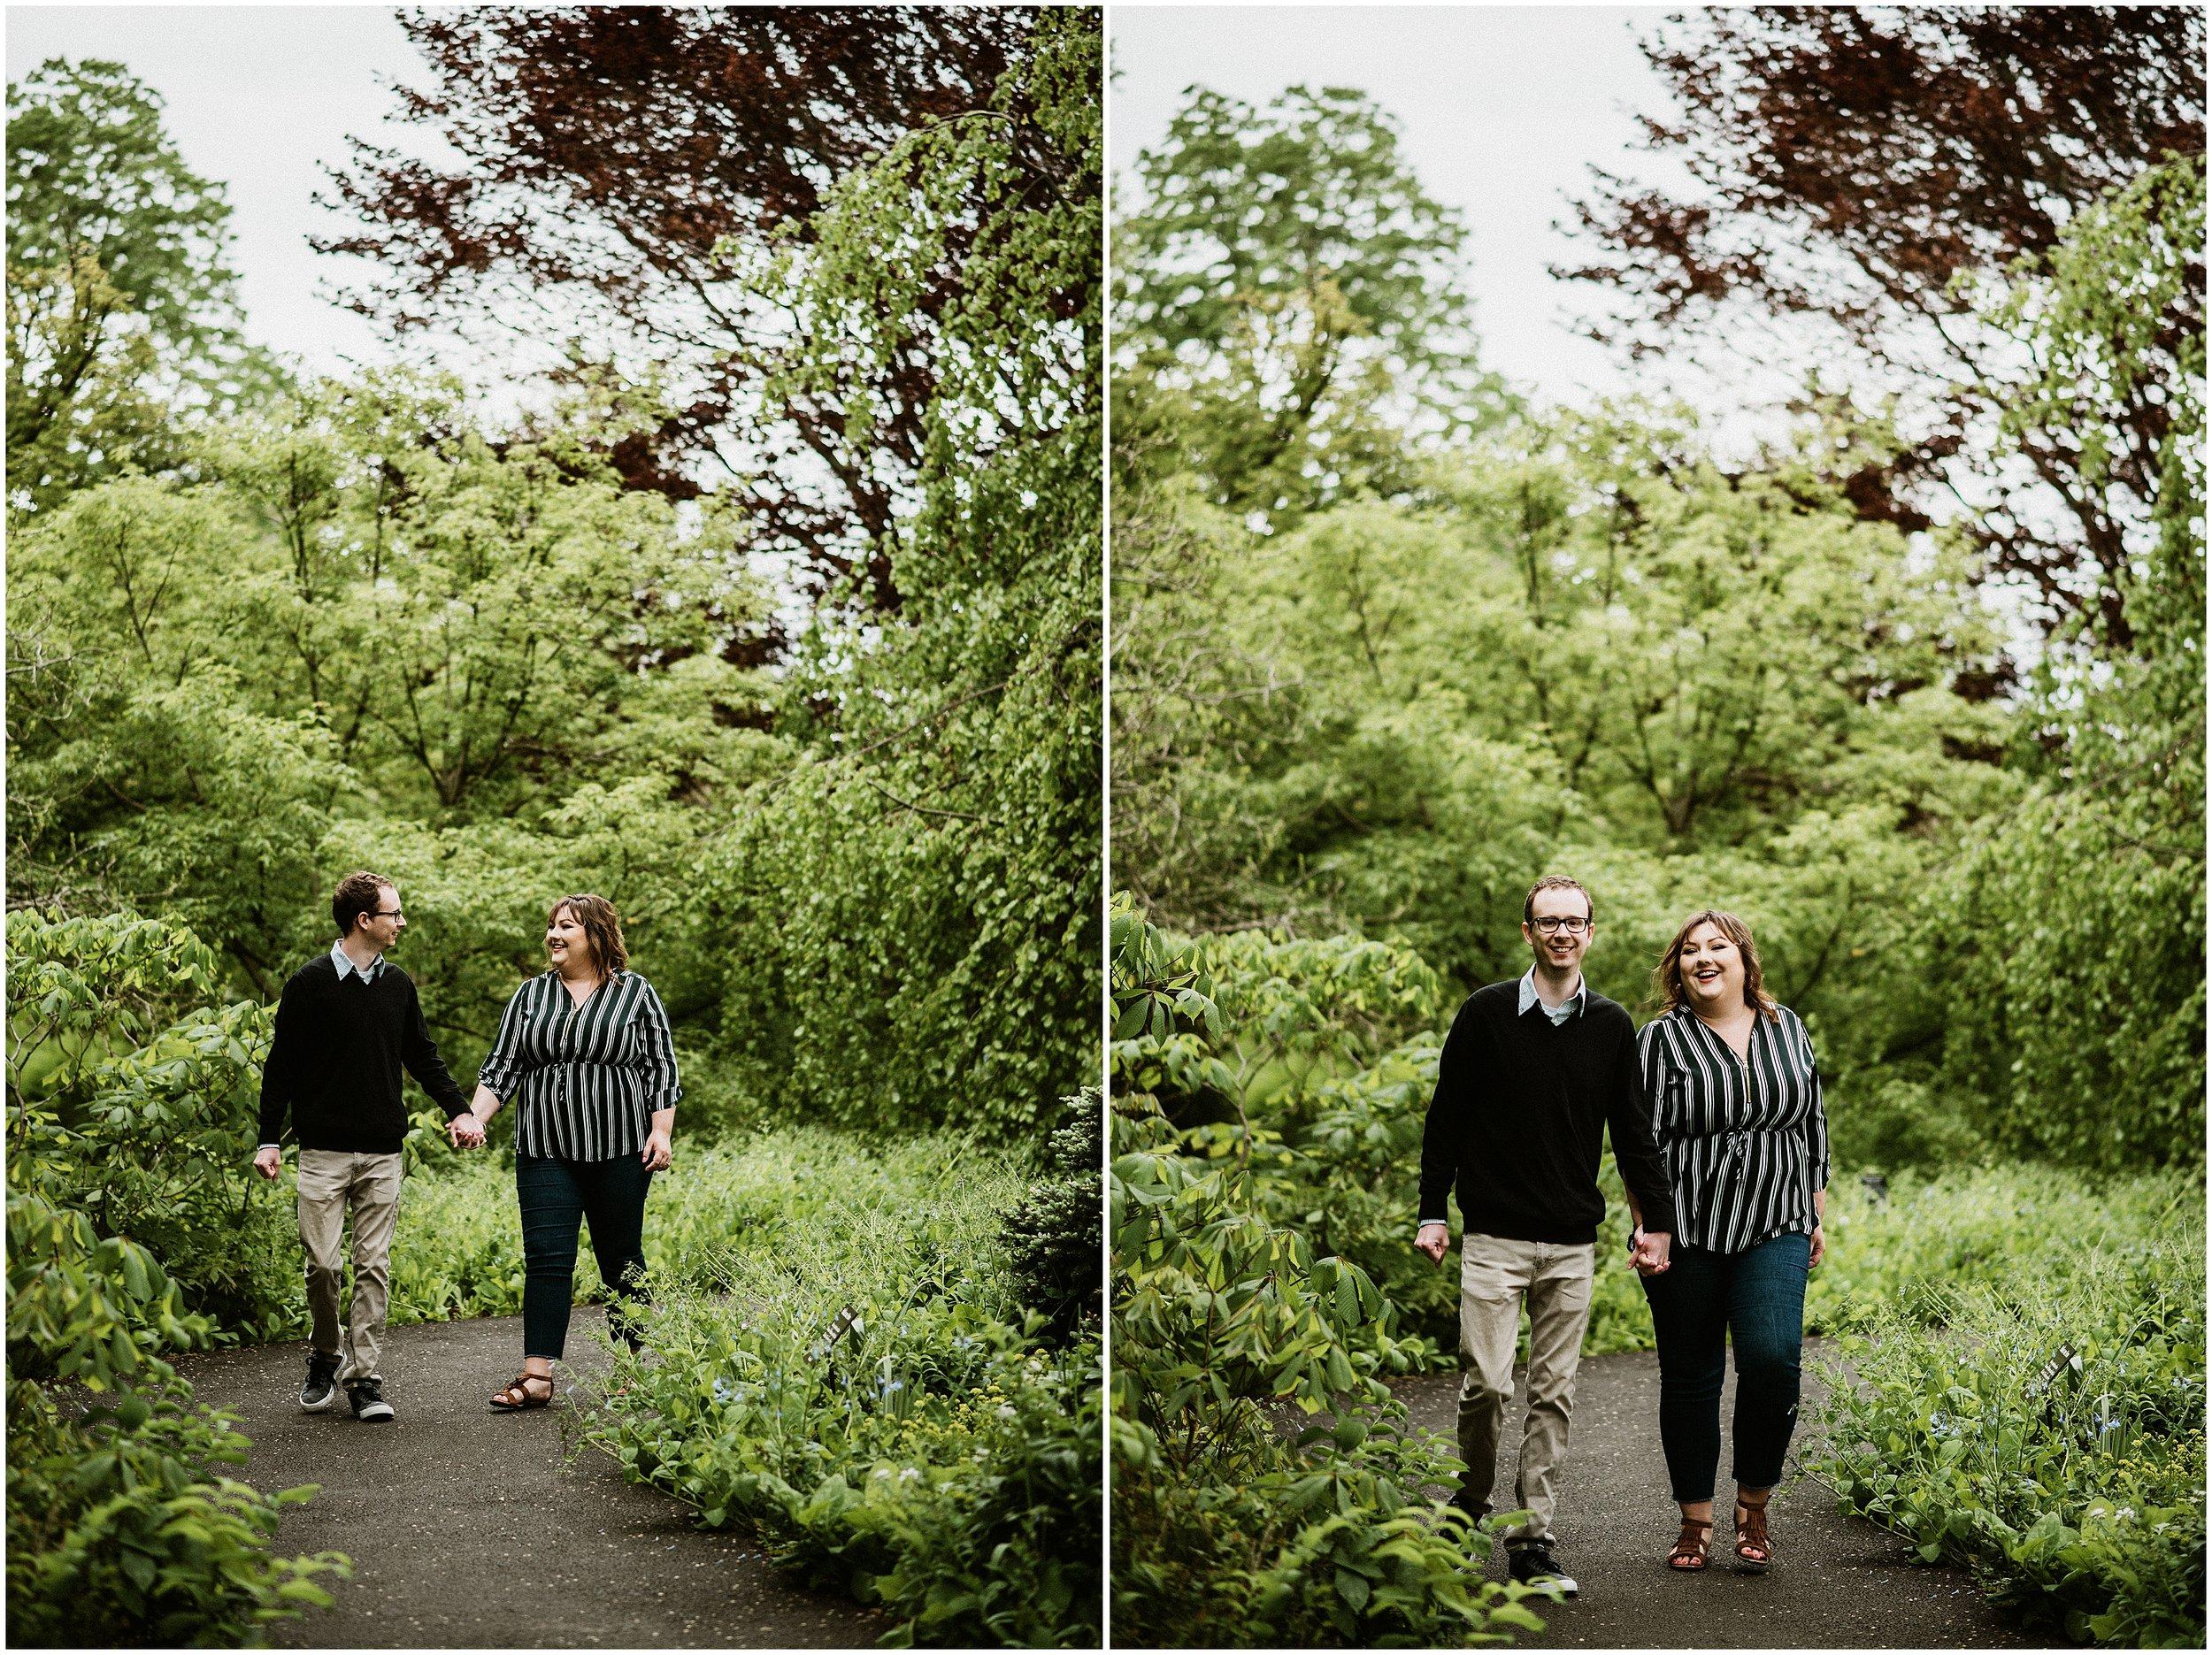 Candace Sims Photography | Amanda and Kyle | The Morton Arboretum Spring Engagement | Lisle, IL